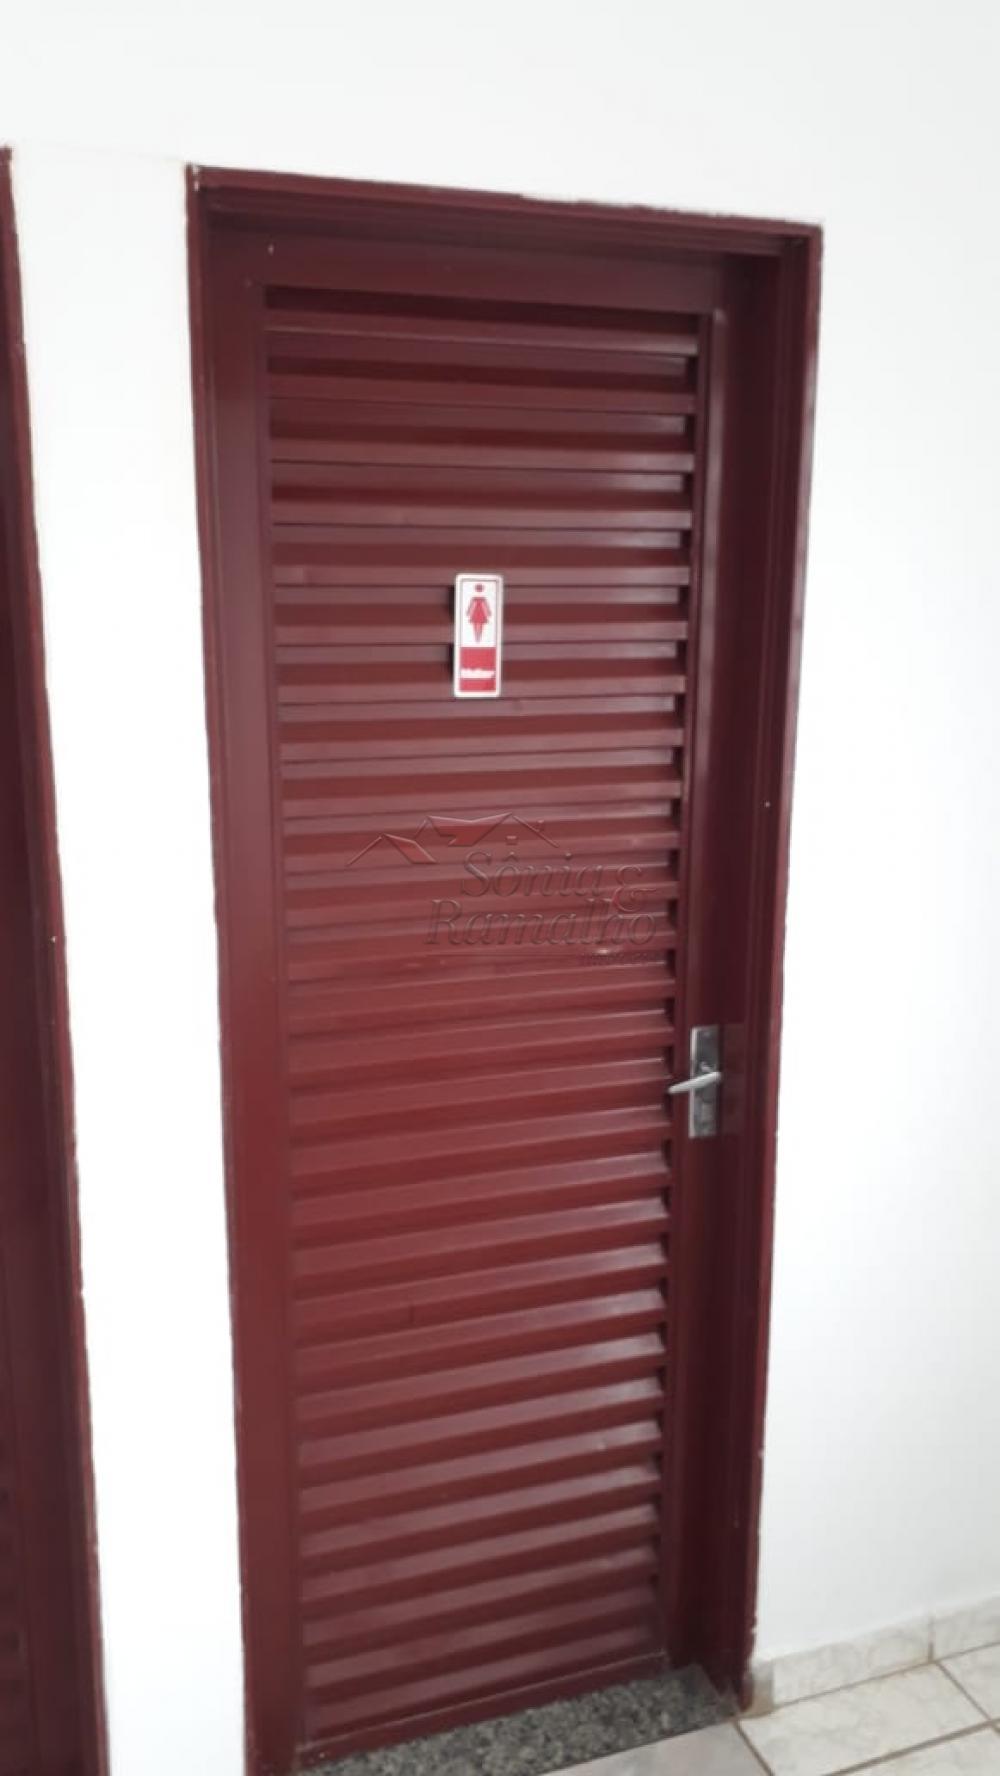 Alugar Comercial / Sala comercial em Ribeirão Preto R$ 850,00 - Foto 11